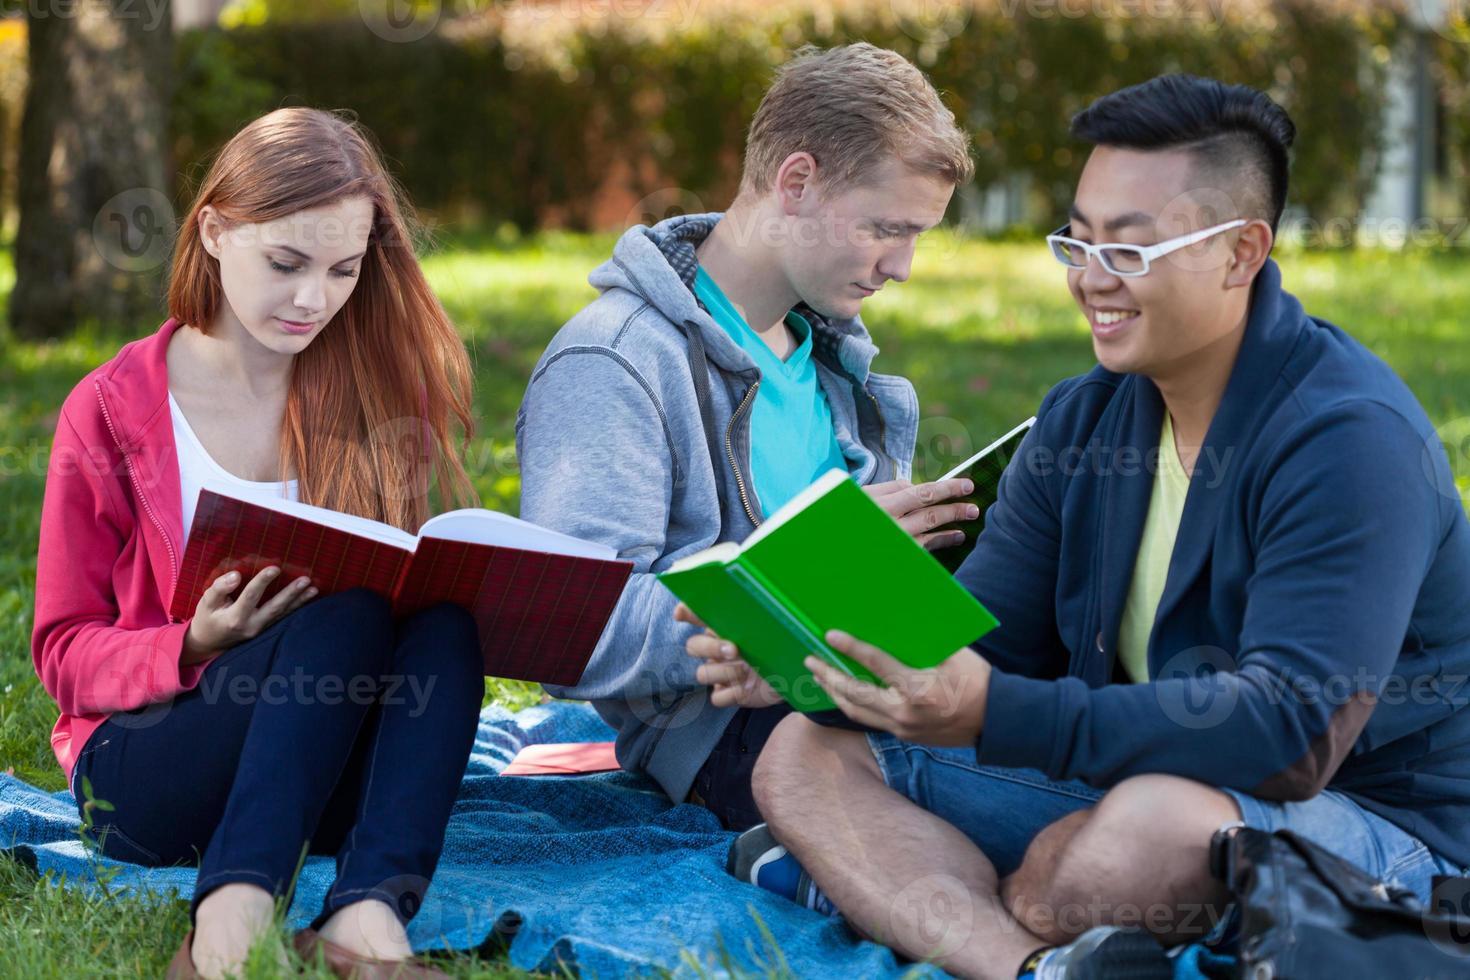 apprendre ensemble dans un parc photo